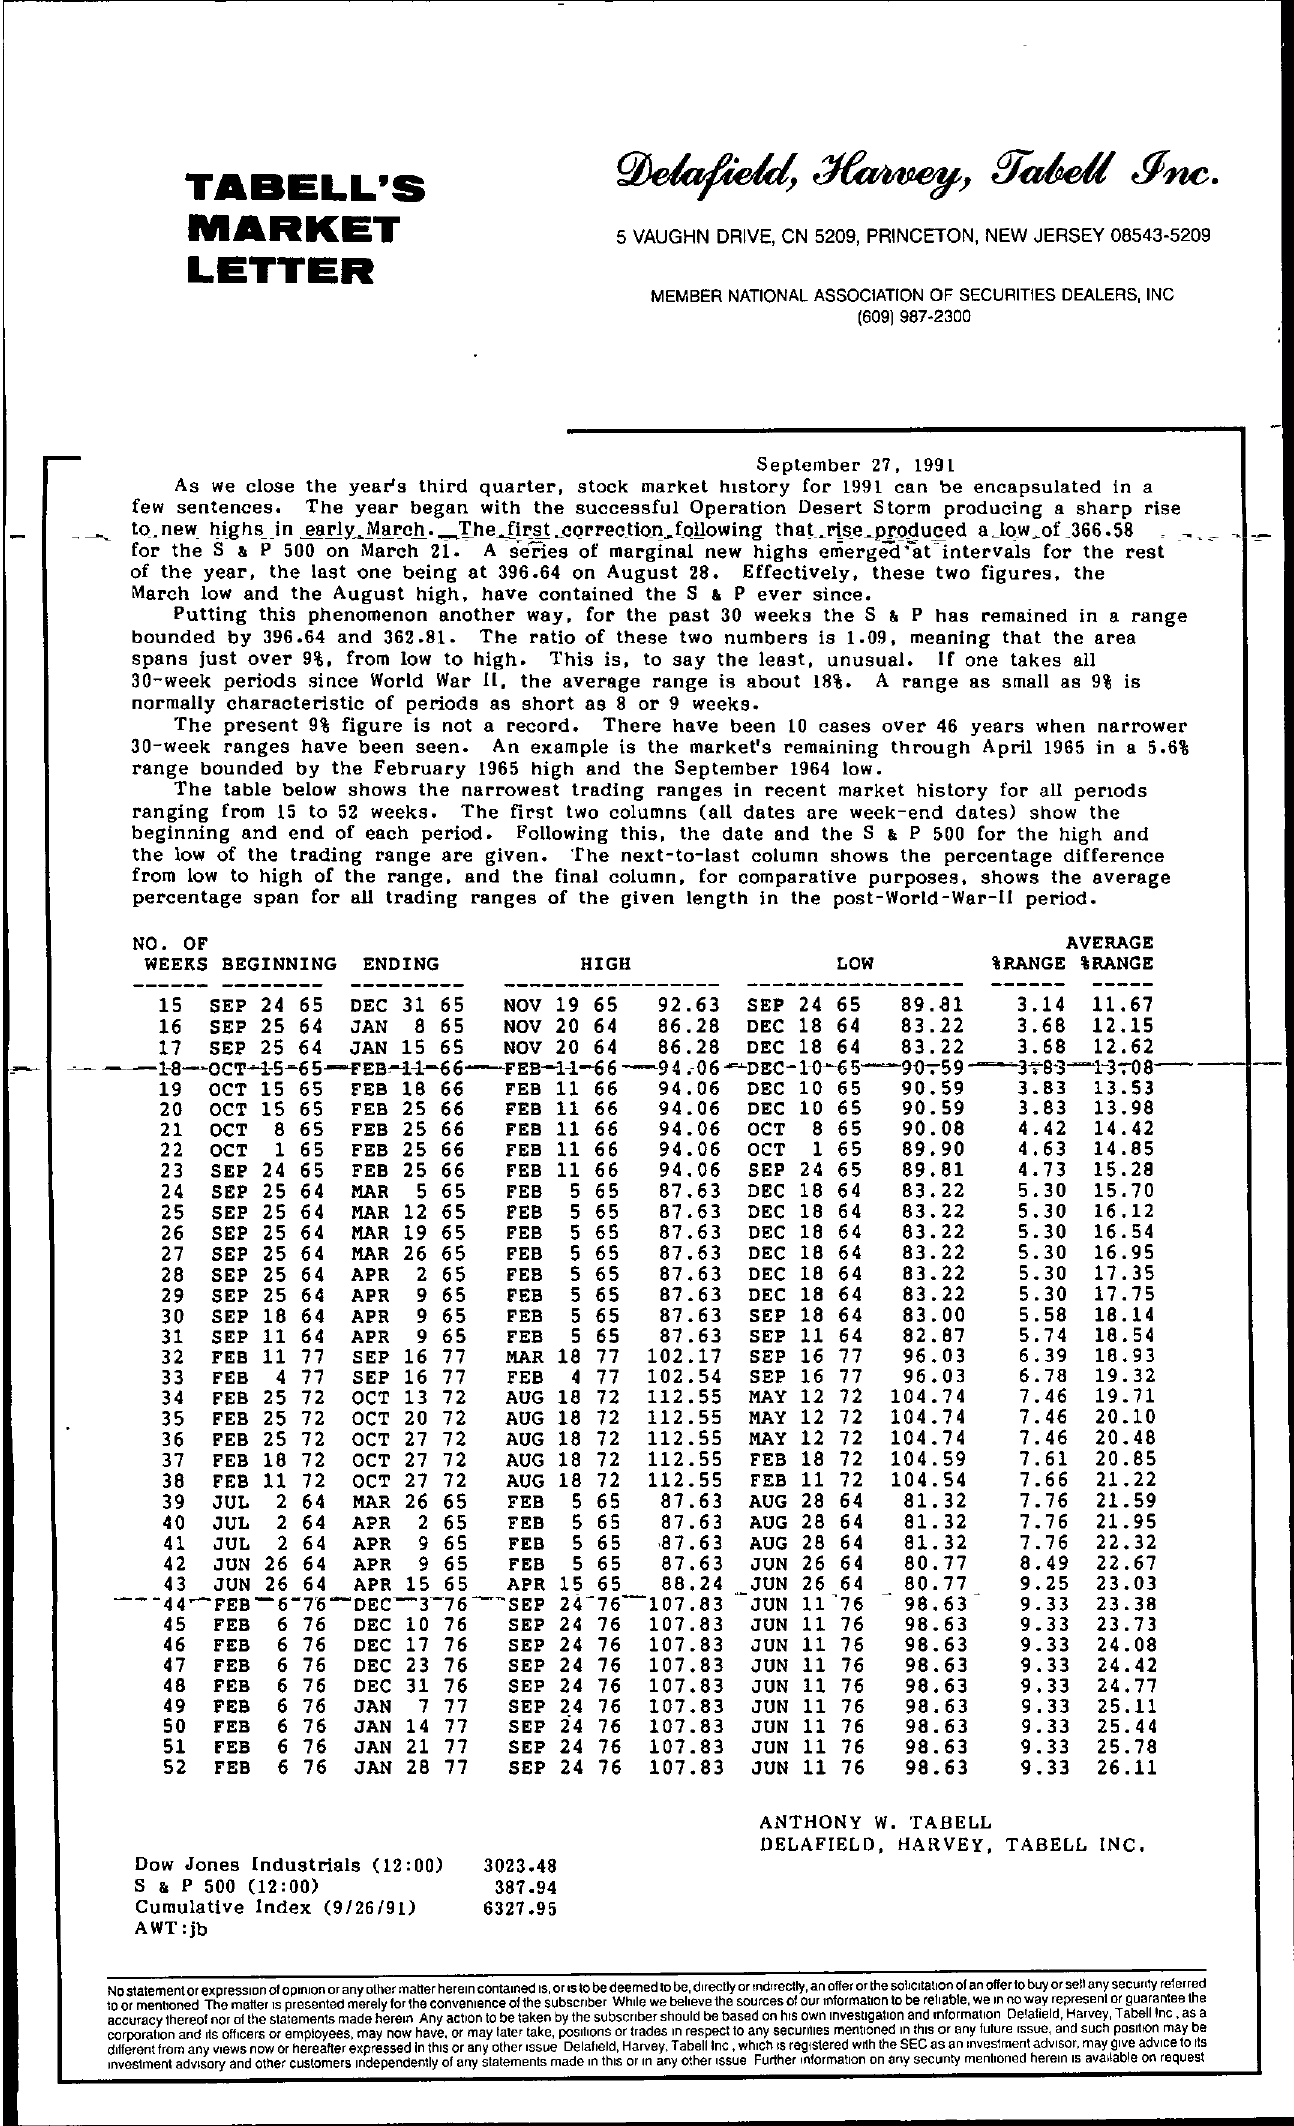 Tabell's Market Letter - September 27, 1991